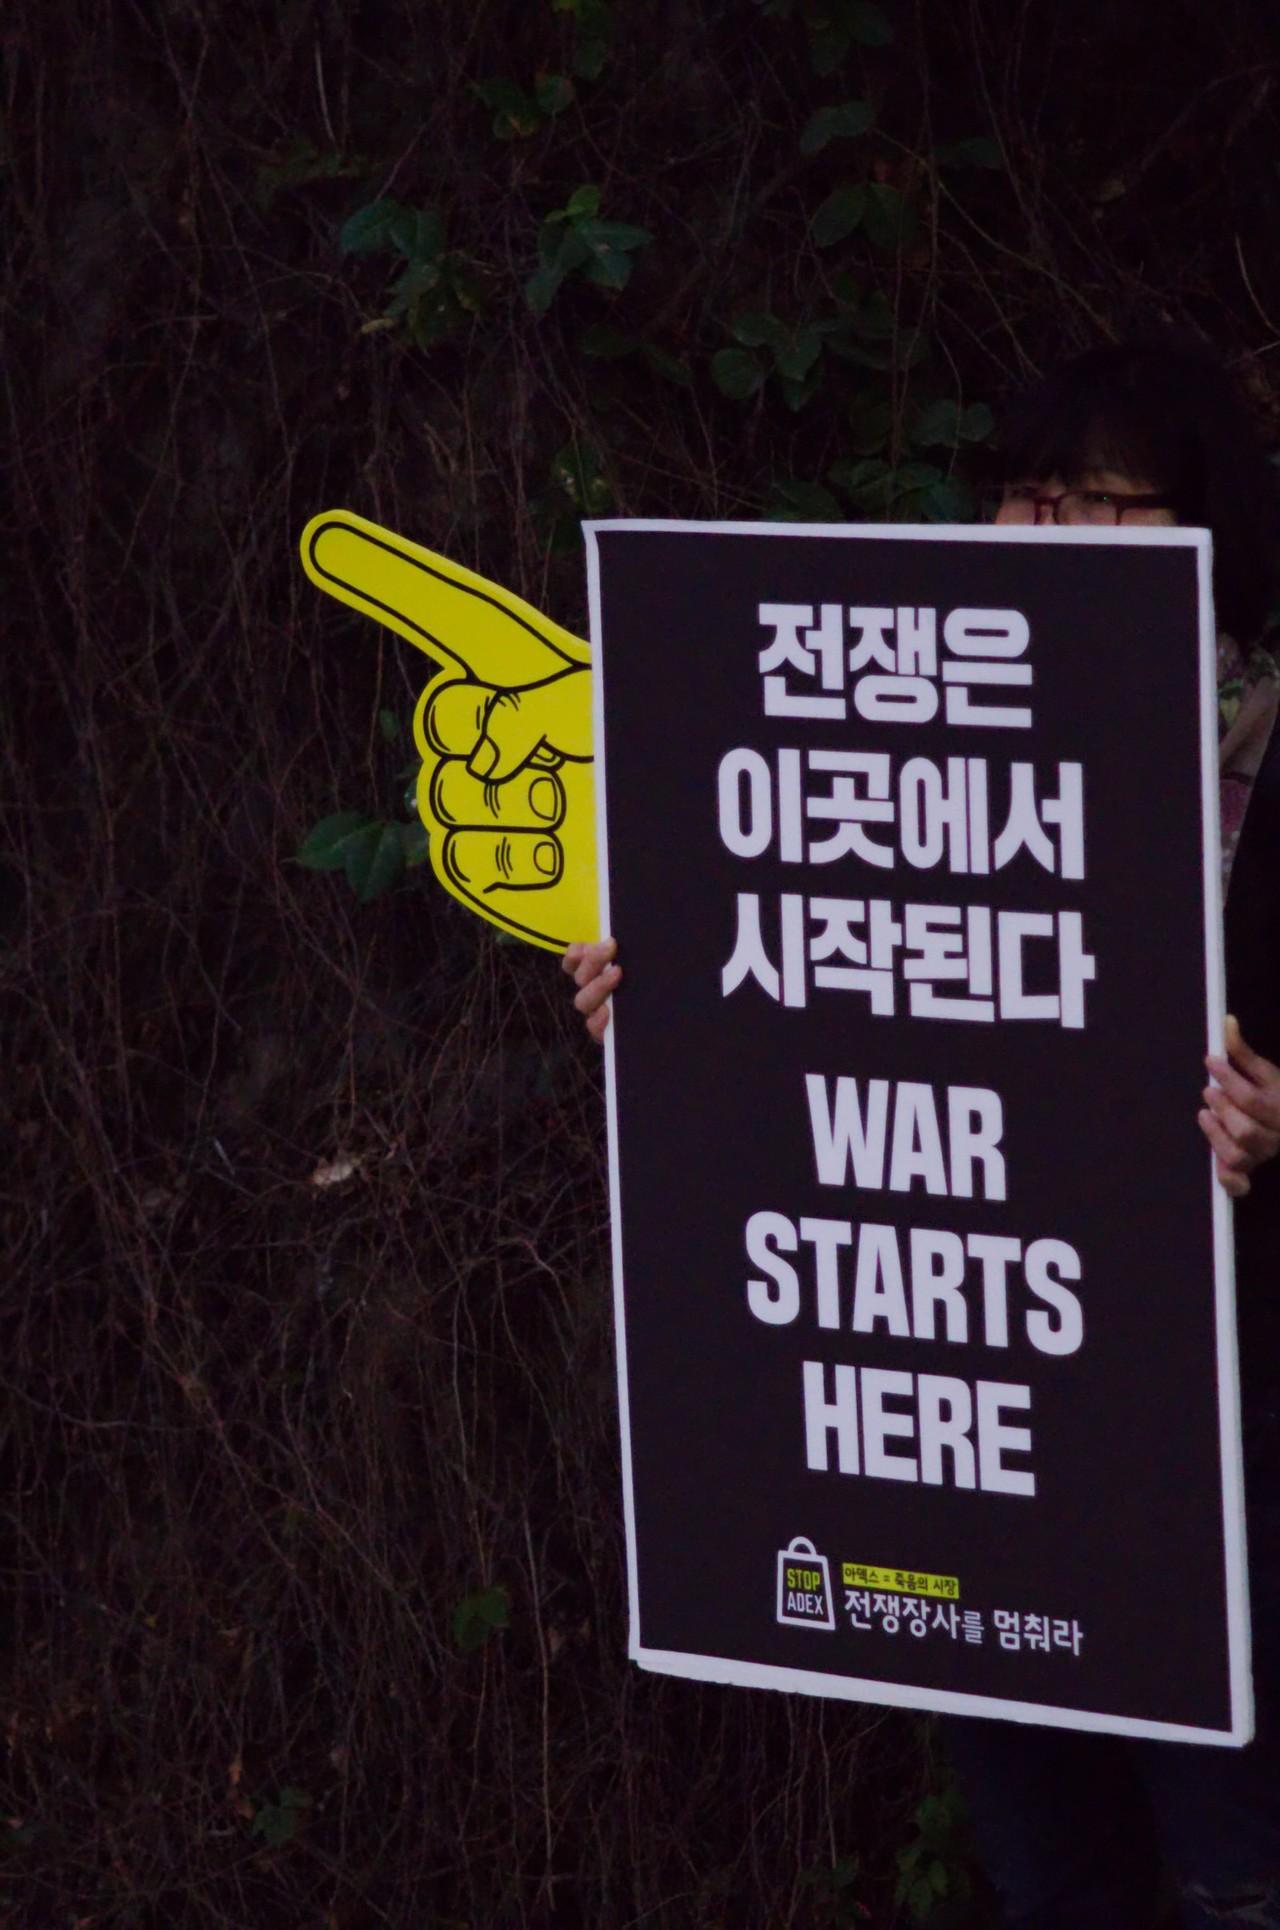 ADEX, 전쟁이 시작되는 곳  방위산업은 군사적 긴장, 전쟁, 폭력을 먹고 자란다고 생각한다. 그것이 우리가 무기박람회 아덱스를 반대하는 이유다.